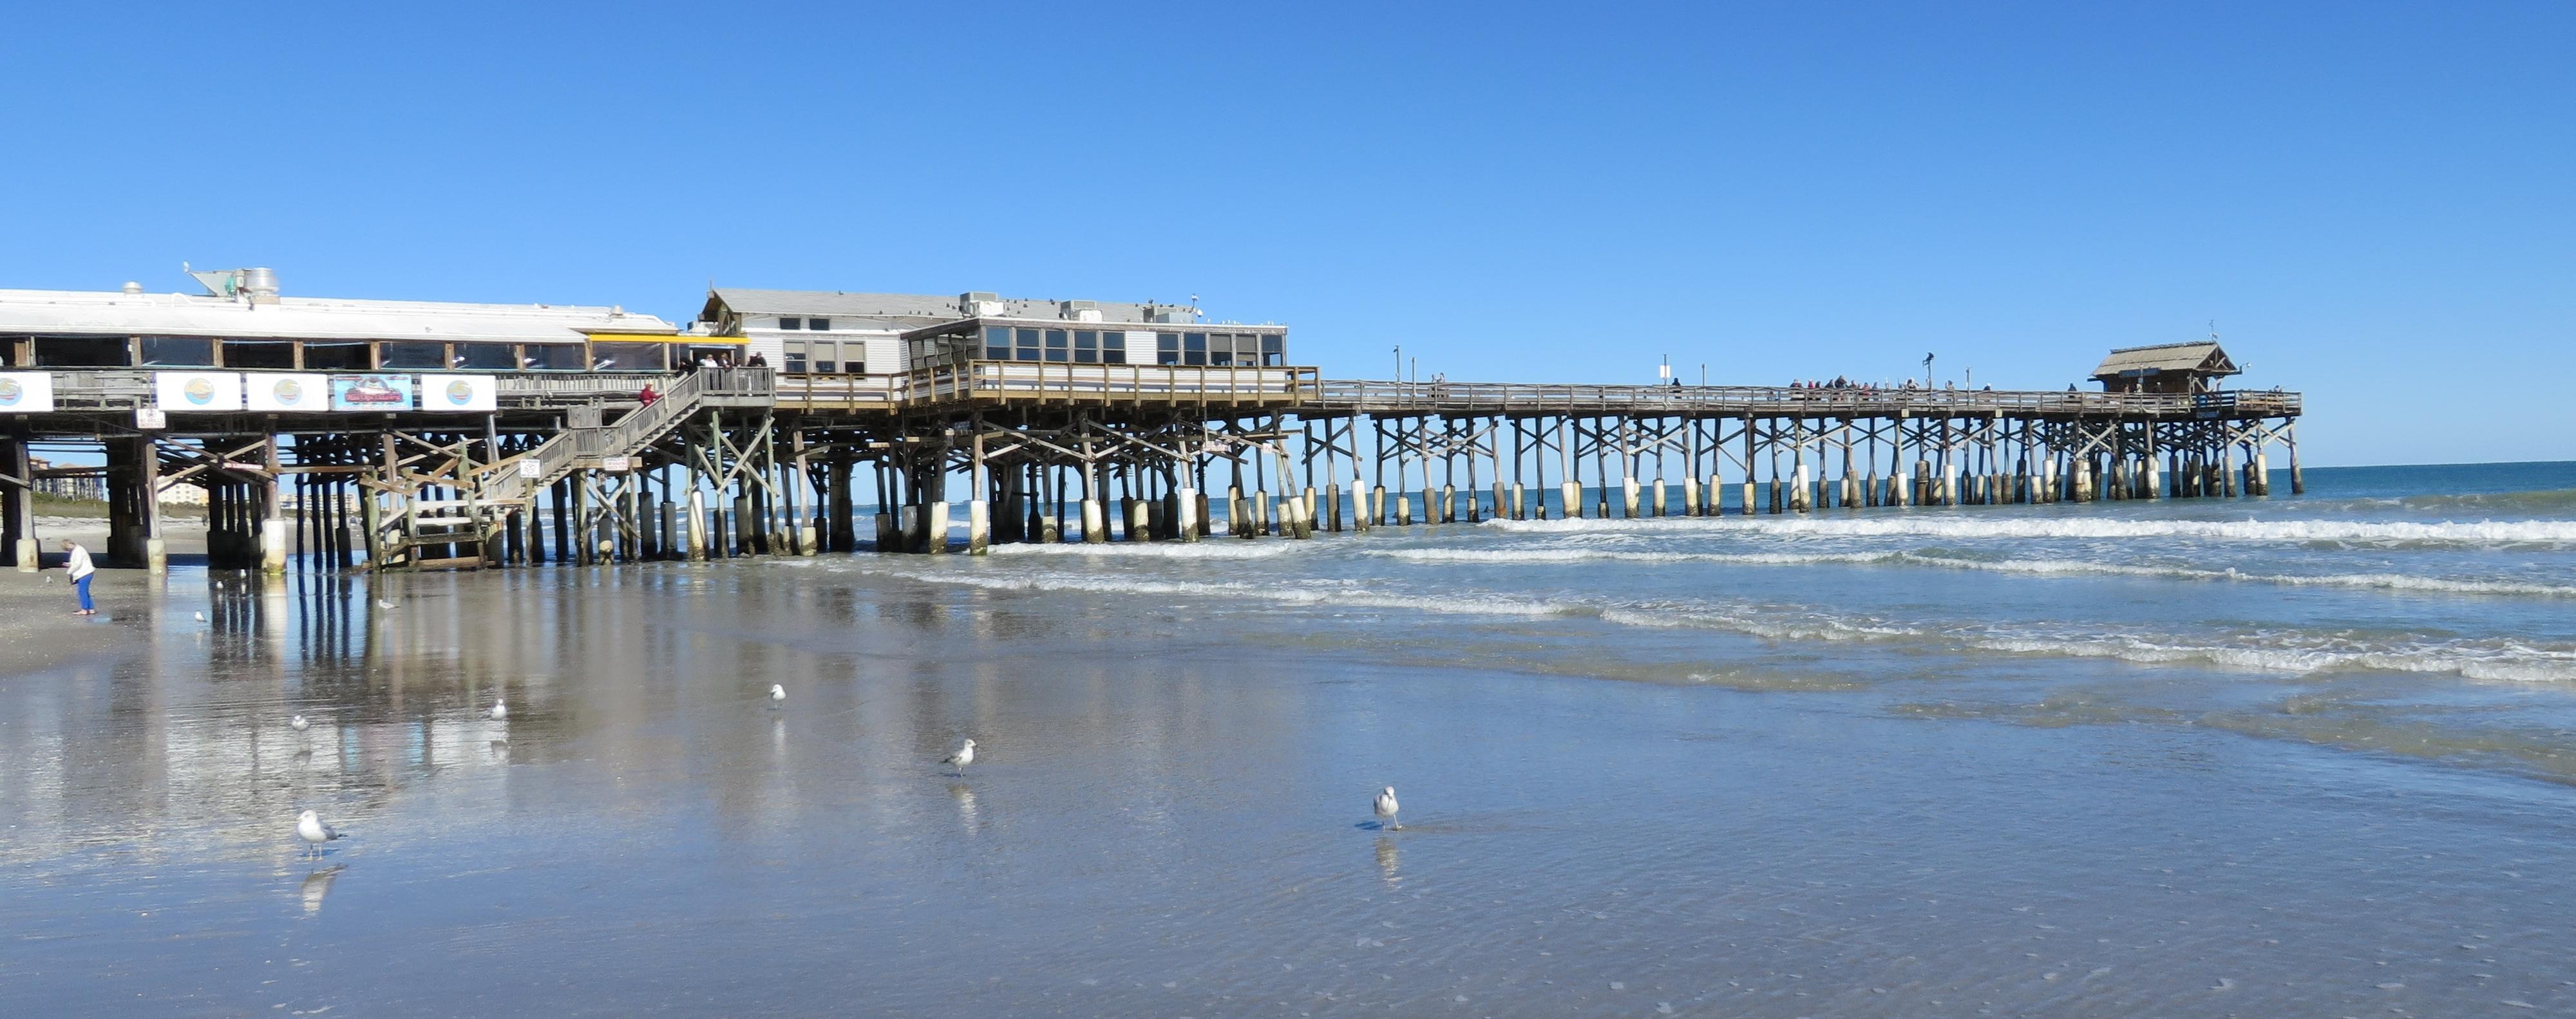 Public Beach Cocoa Beach Fl